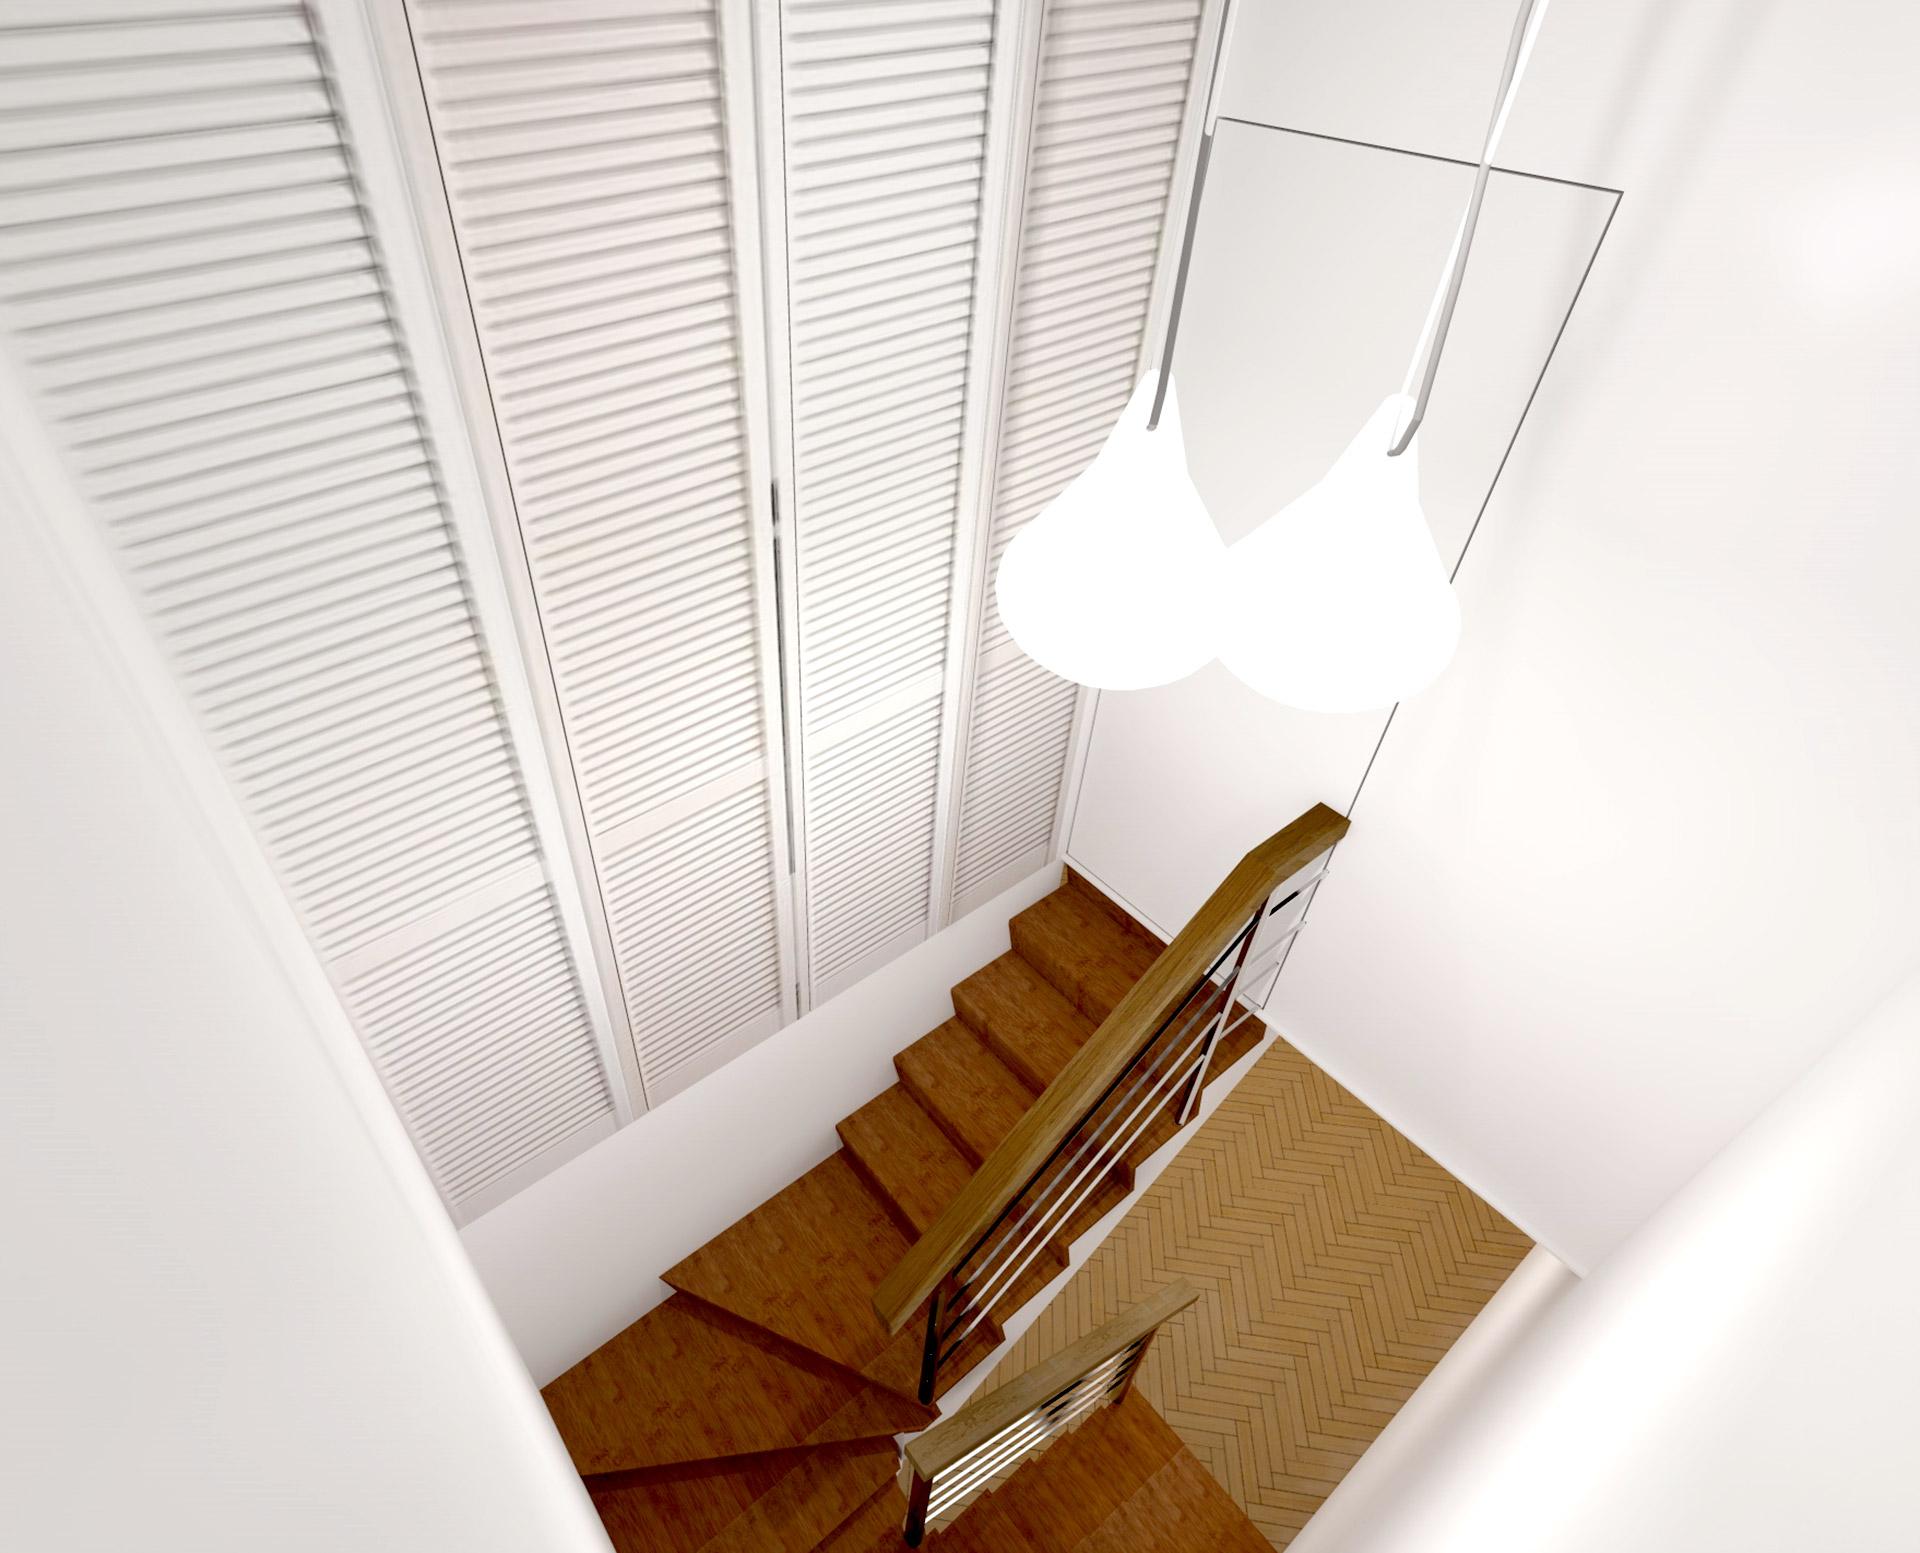 #410F03 Duplex Avec Suite Parentale Zen Transformable Salle Cinéma 3301 suite parentale esprit zen 1920x1553 px @ aertt.com